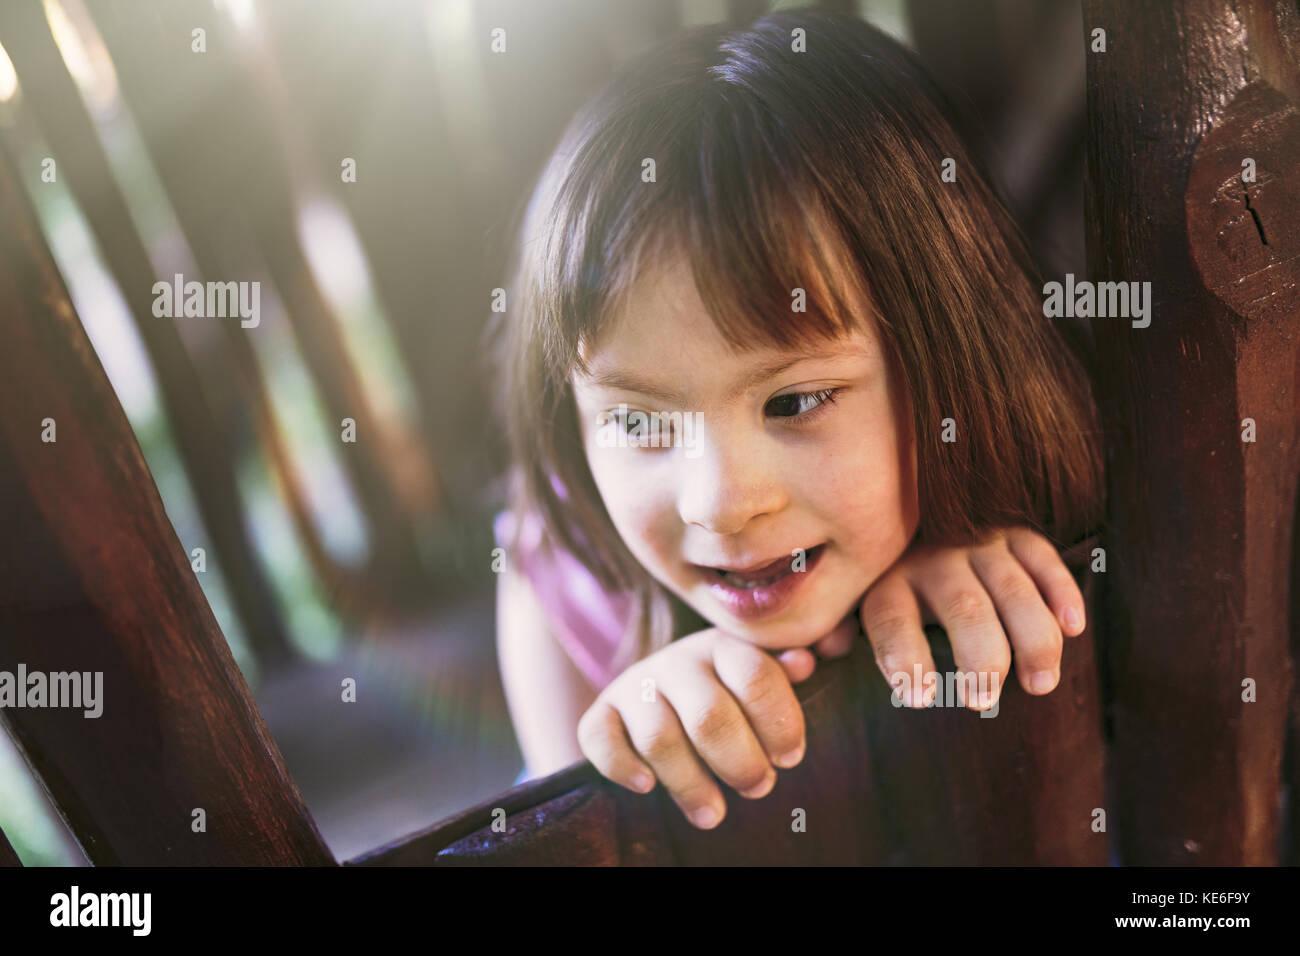 Portrait von schönen Mädchen mit Down-syndrom Stockbild